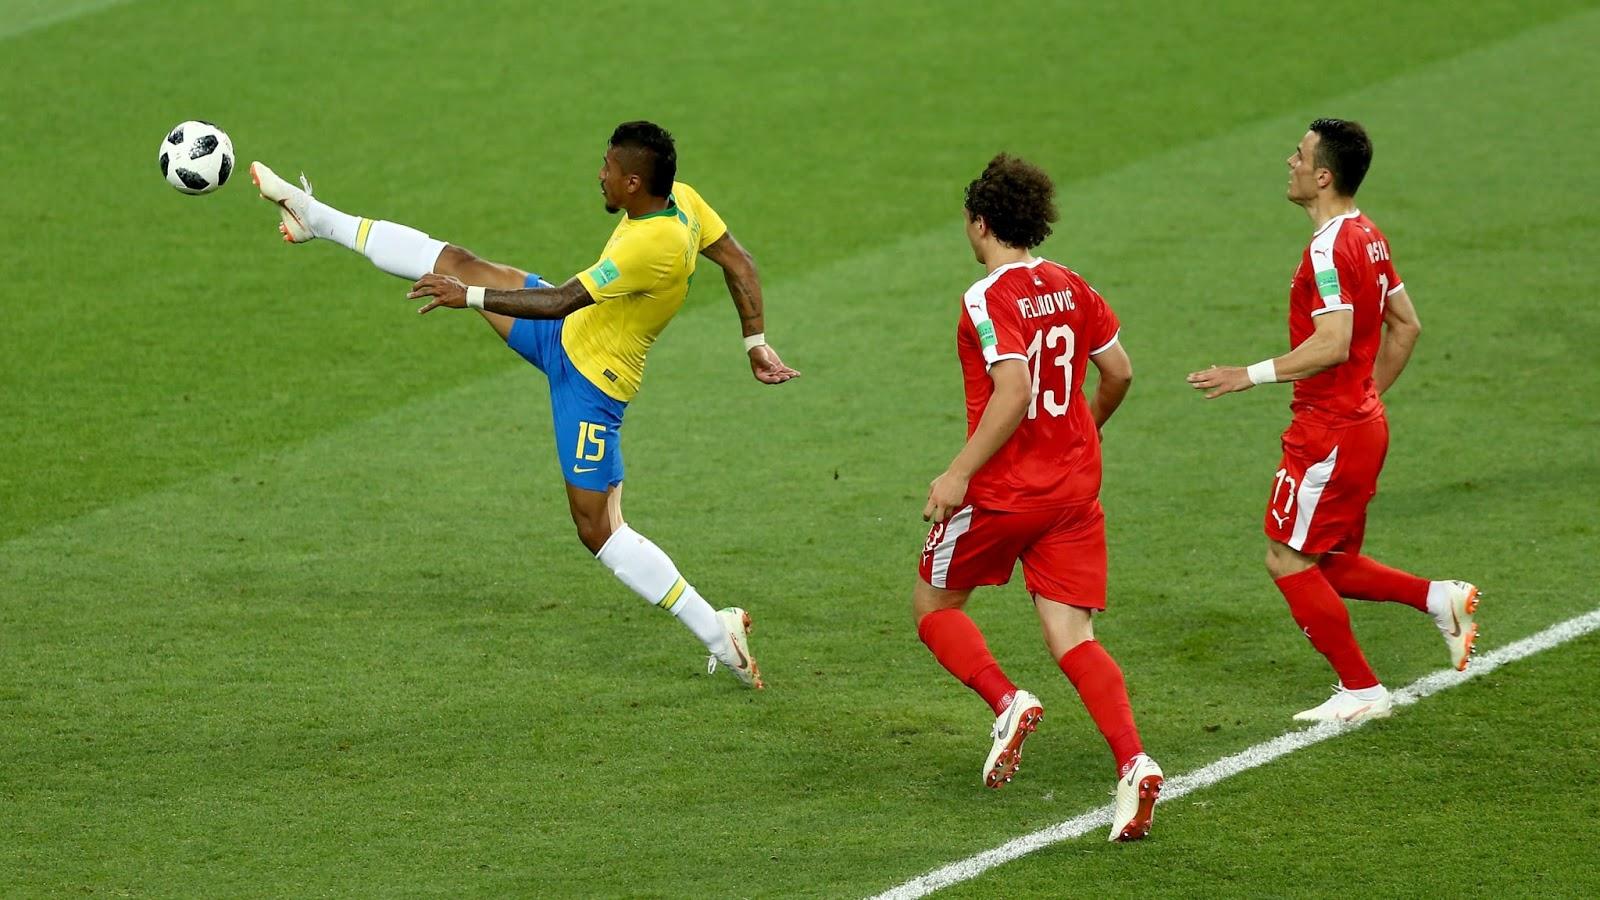 A Seleção seguiu dominando as ações e chegou ao gol aos 35 minutos.  Coutinho enfiou uma bola incrível para Paulinho aa2f7a83493de